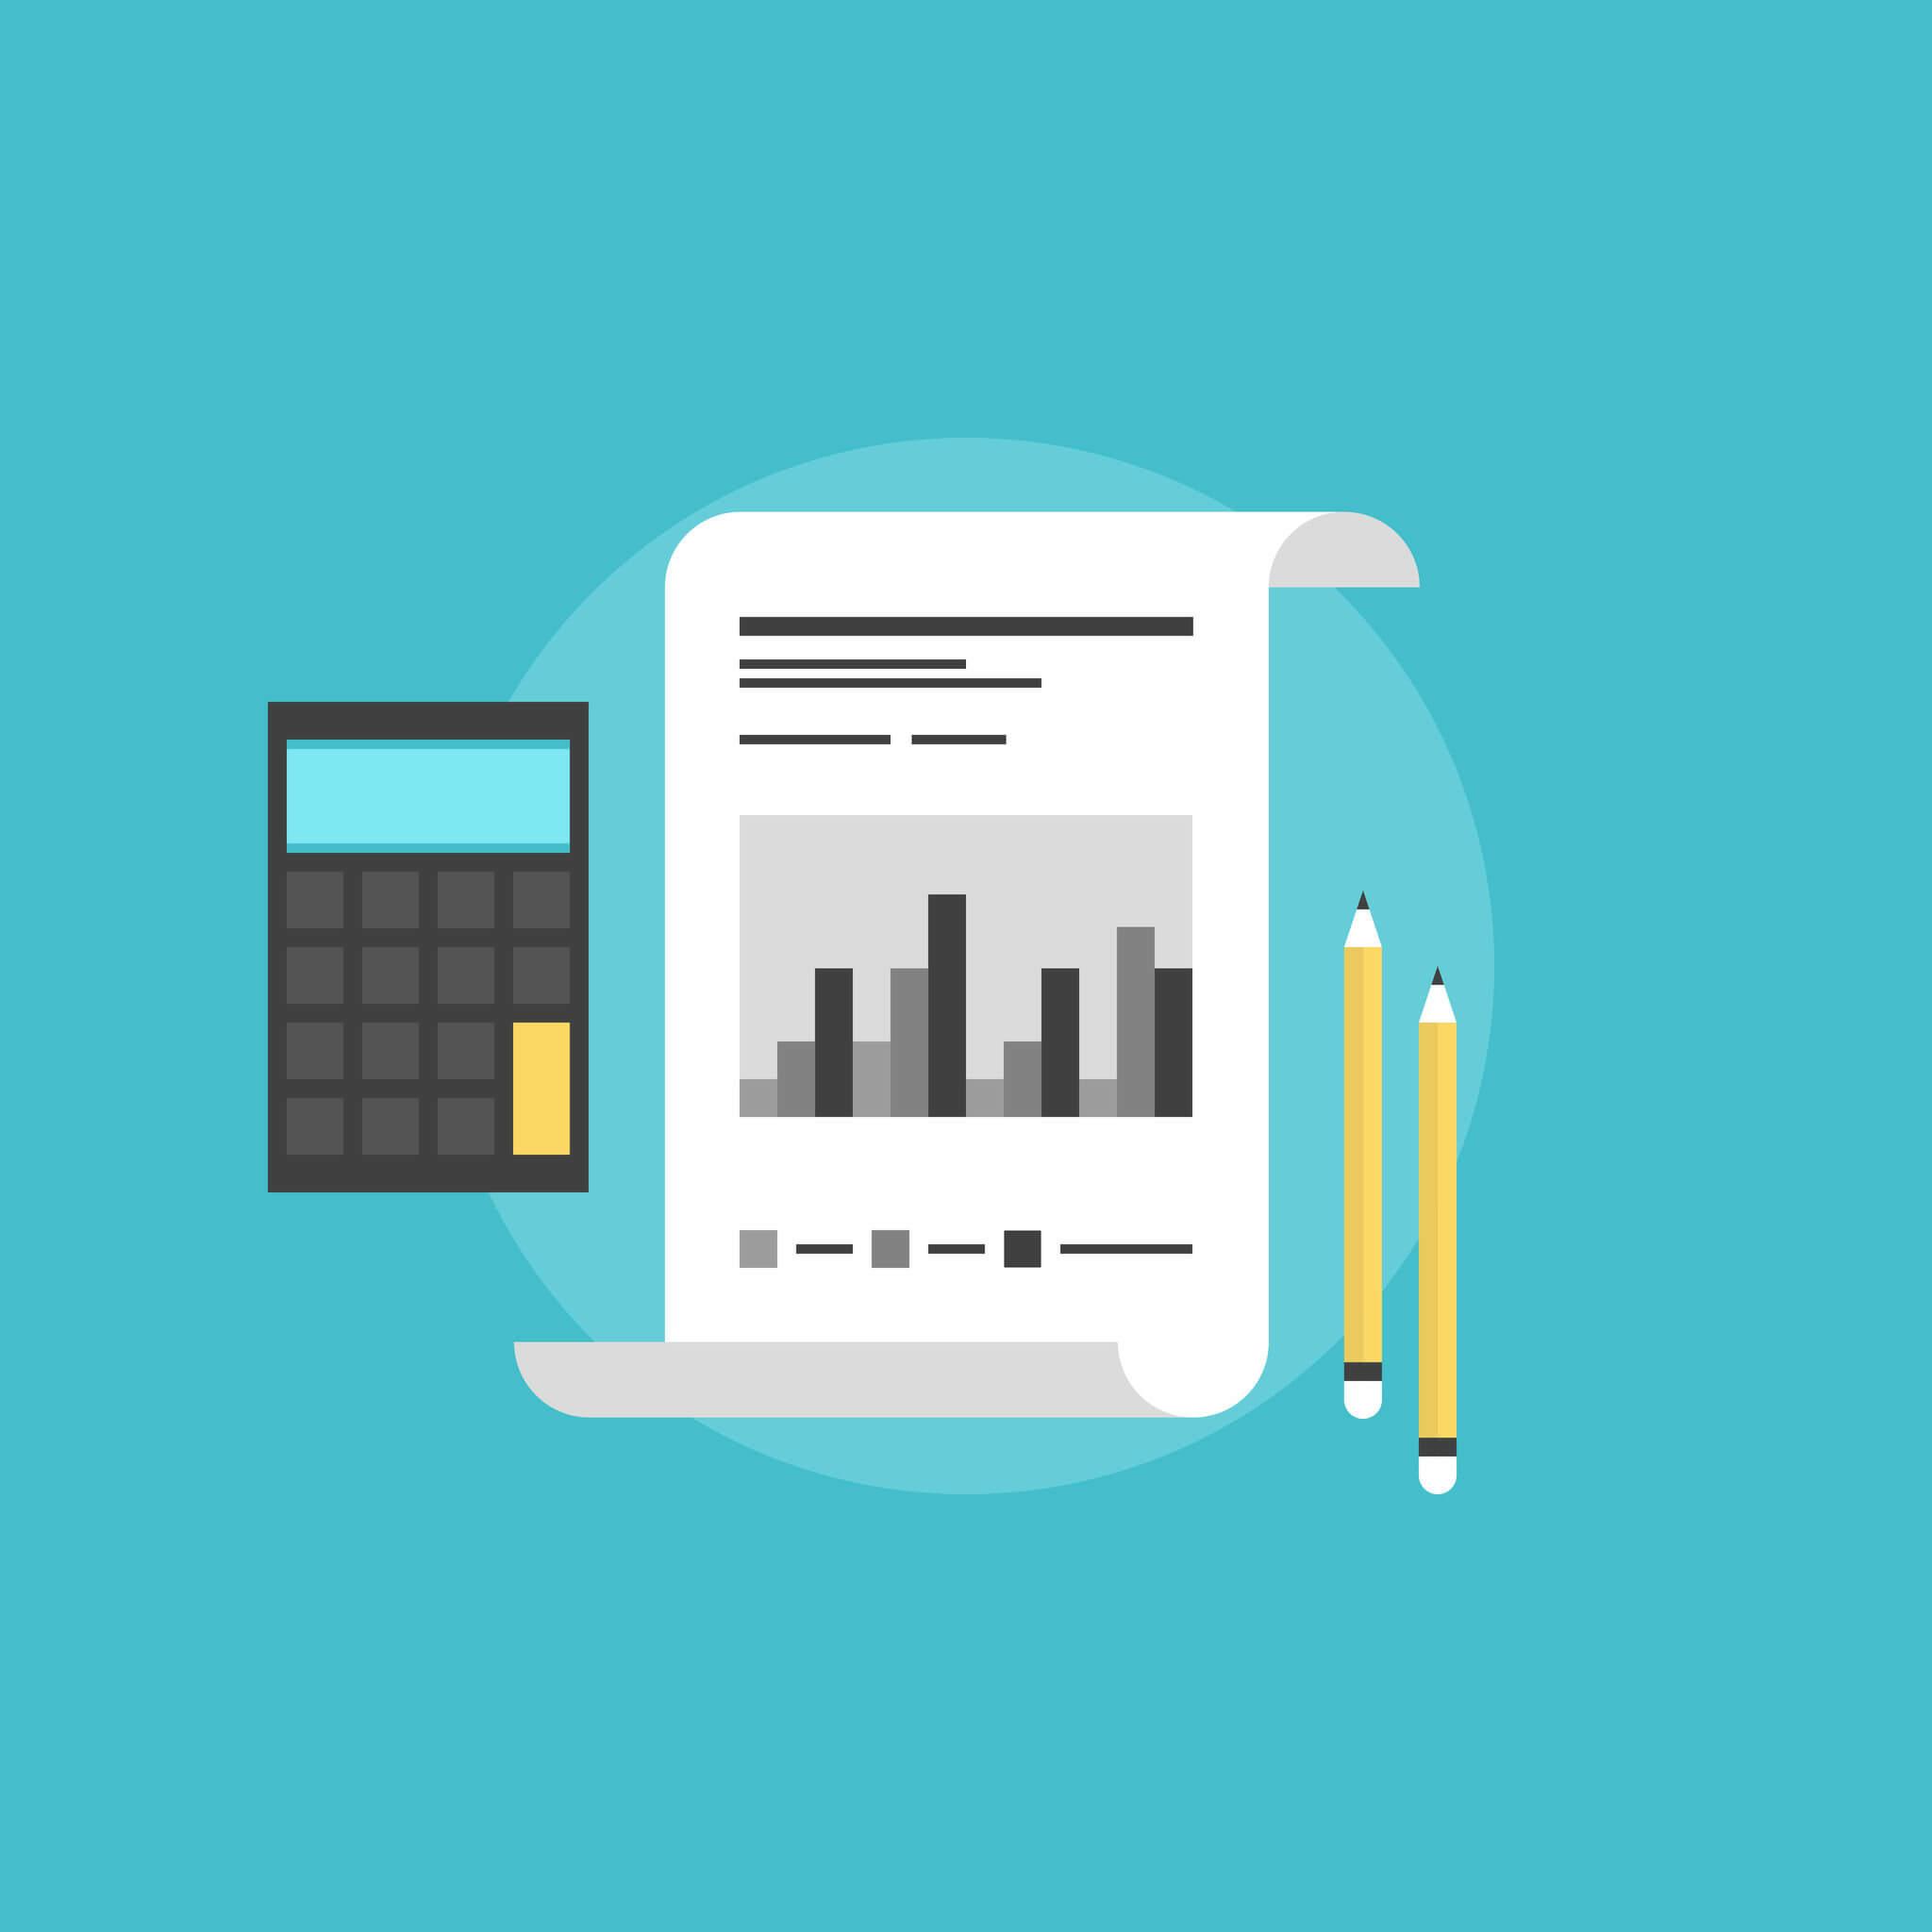 Excel Diagramm erstellen: Tipps & Tricks   AS Computertraining